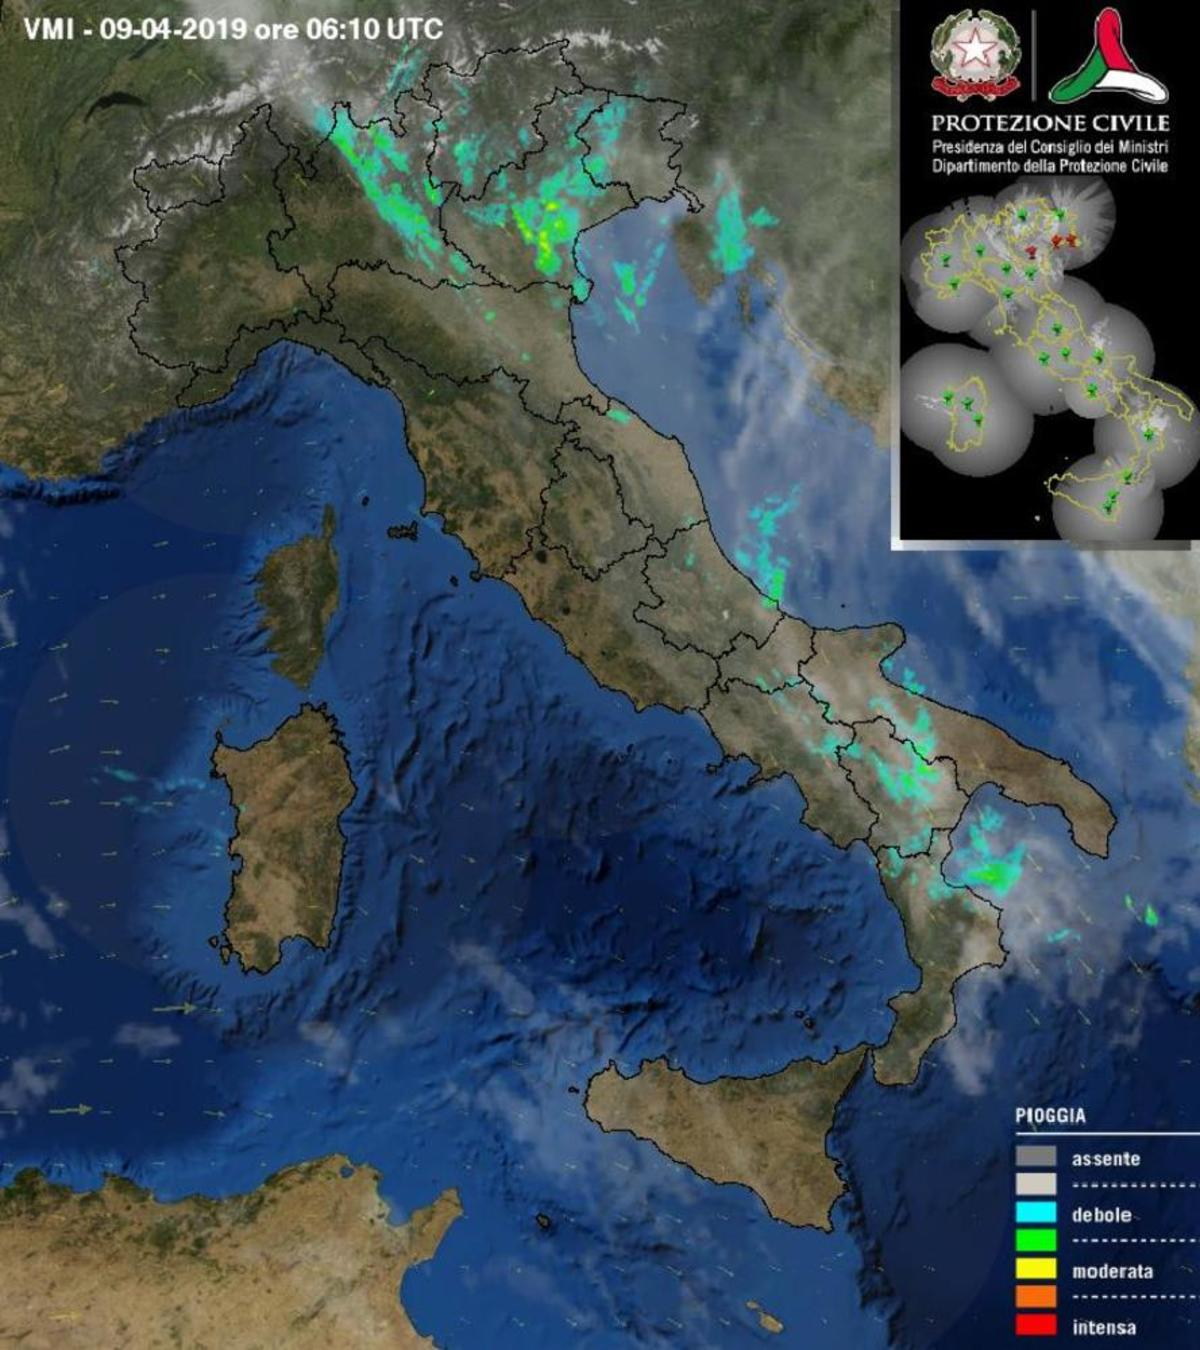 Precipitazioni attuali dal radar - protezionecivile.gov.it